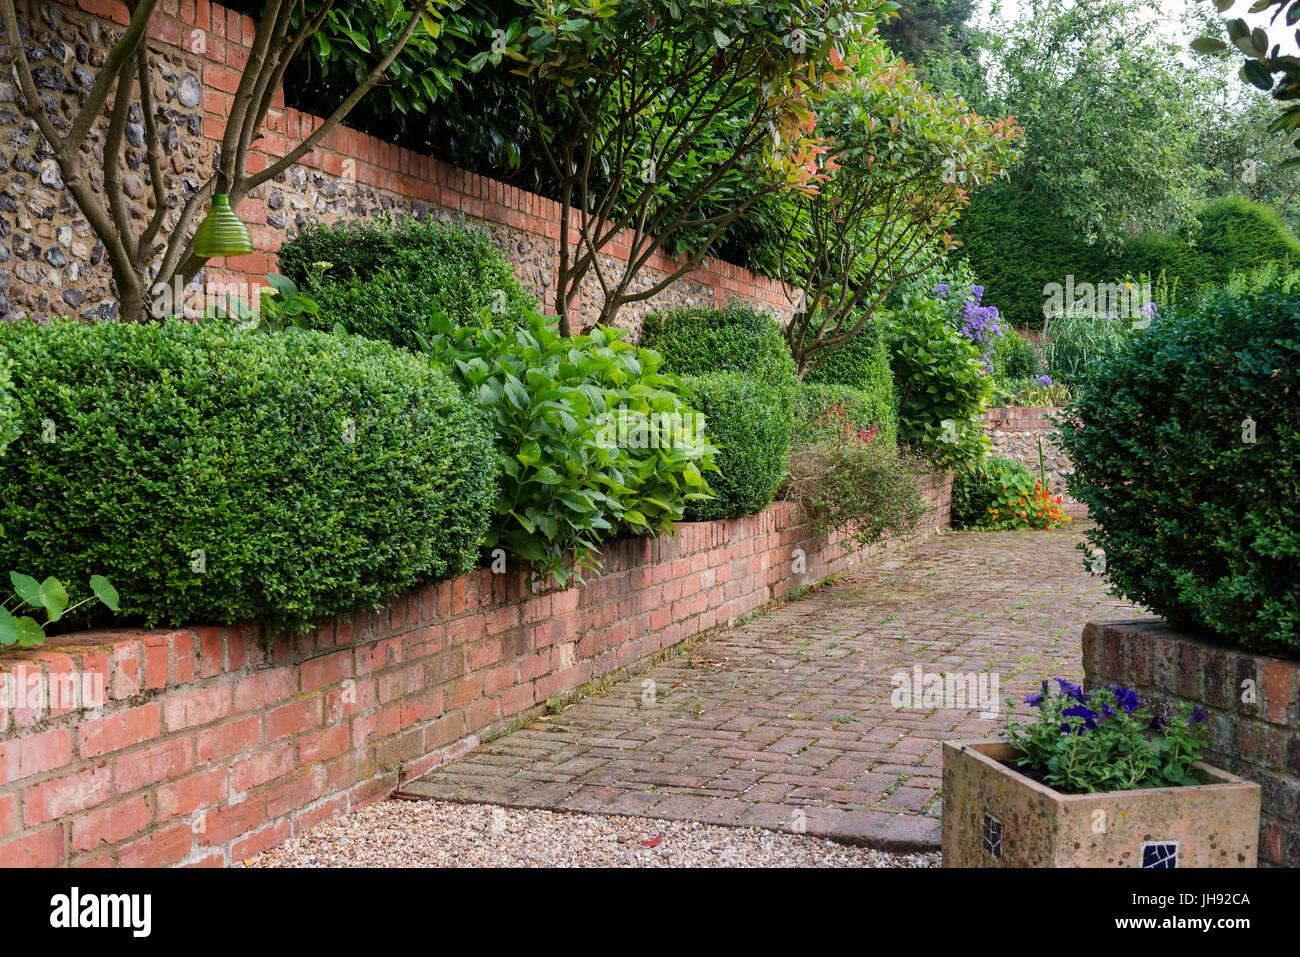 Backstein-Mauern im Garten Stockfoto, Bild: 148331578 - Alamy